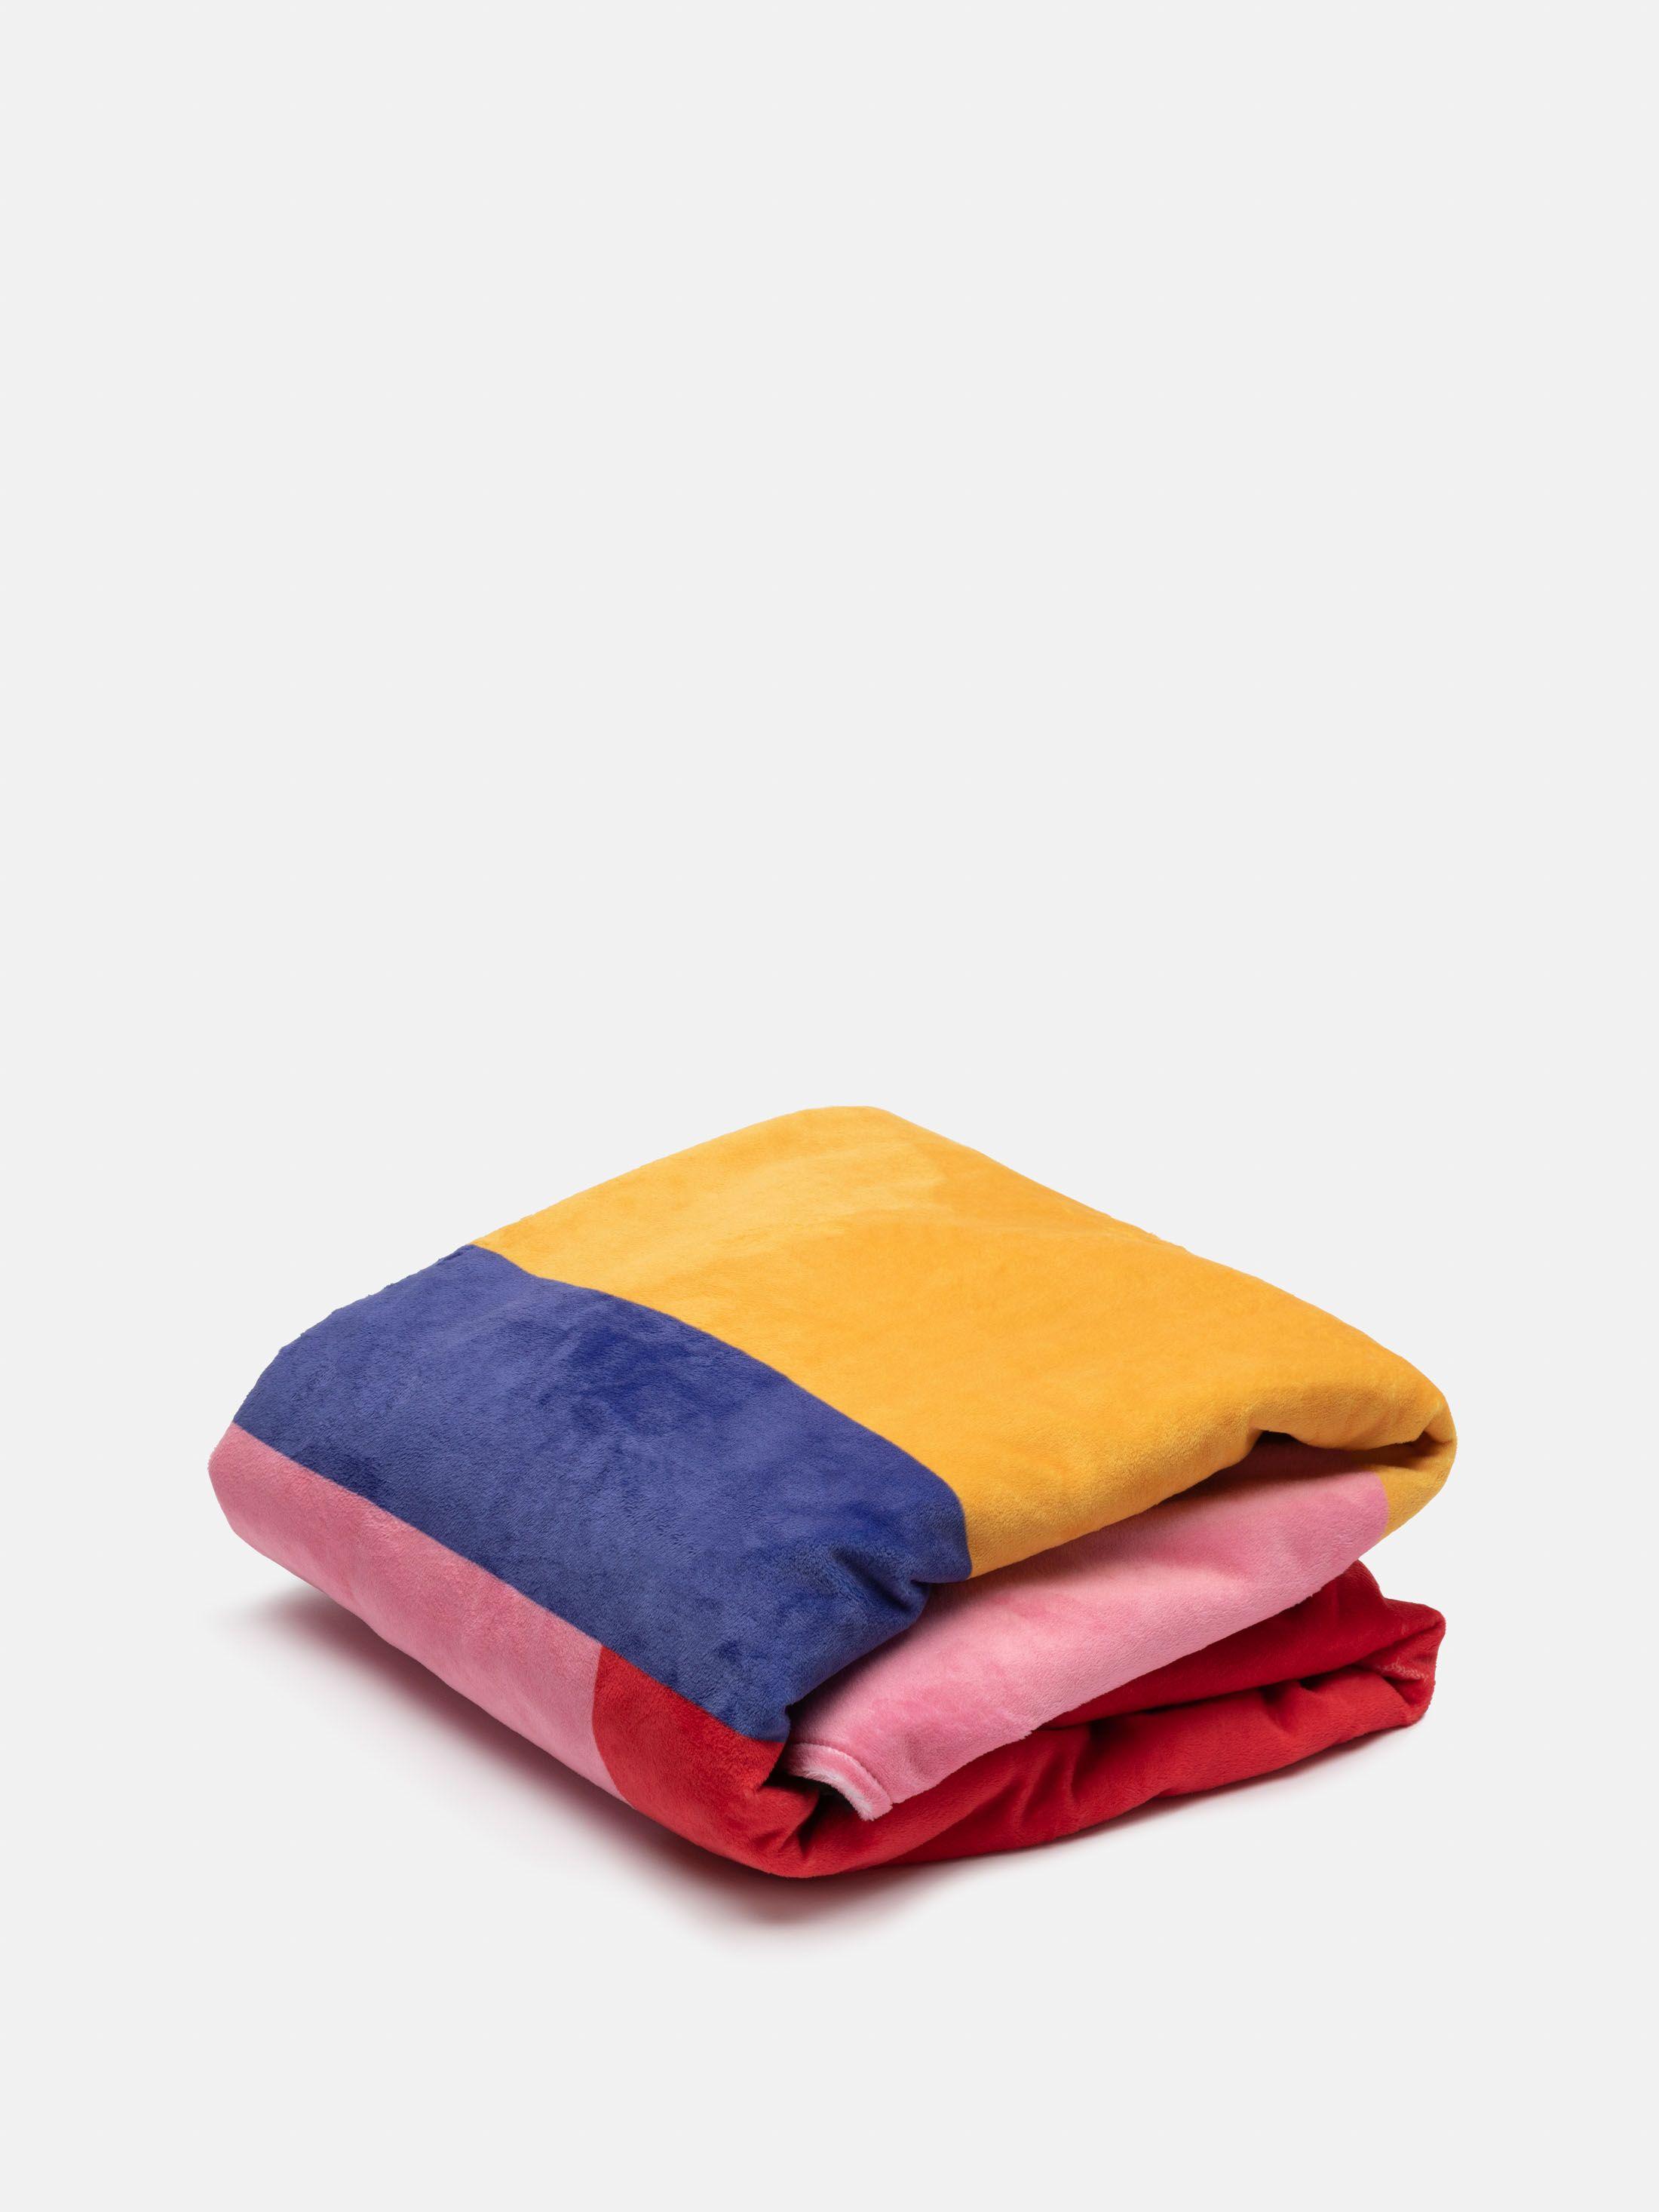 ソファー用 スローケット ブランケット